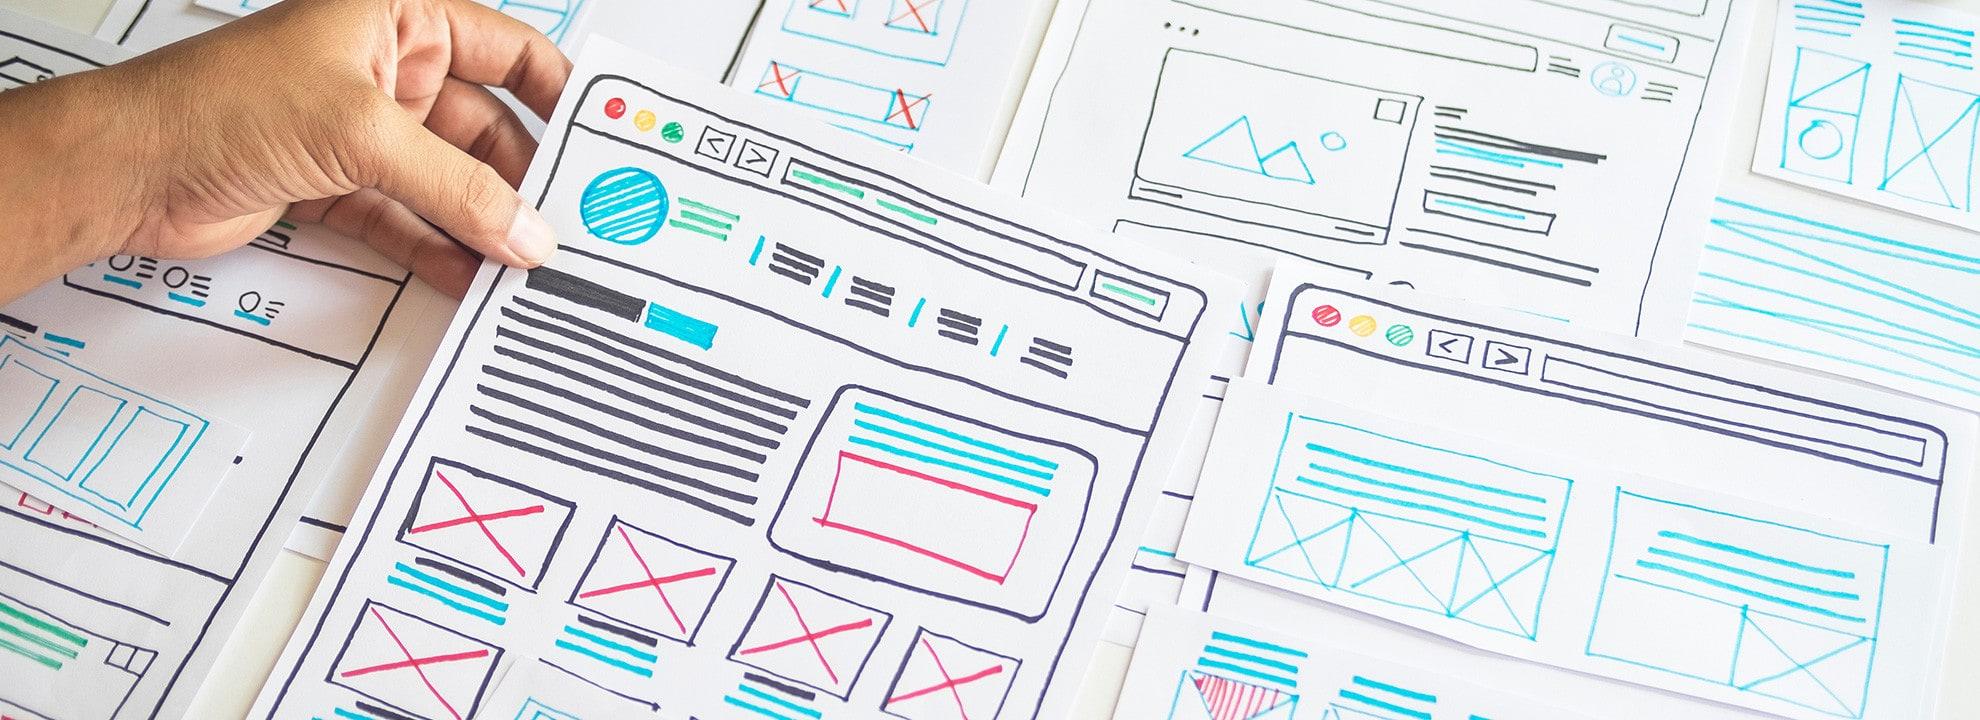 UI/UX & Web-Design